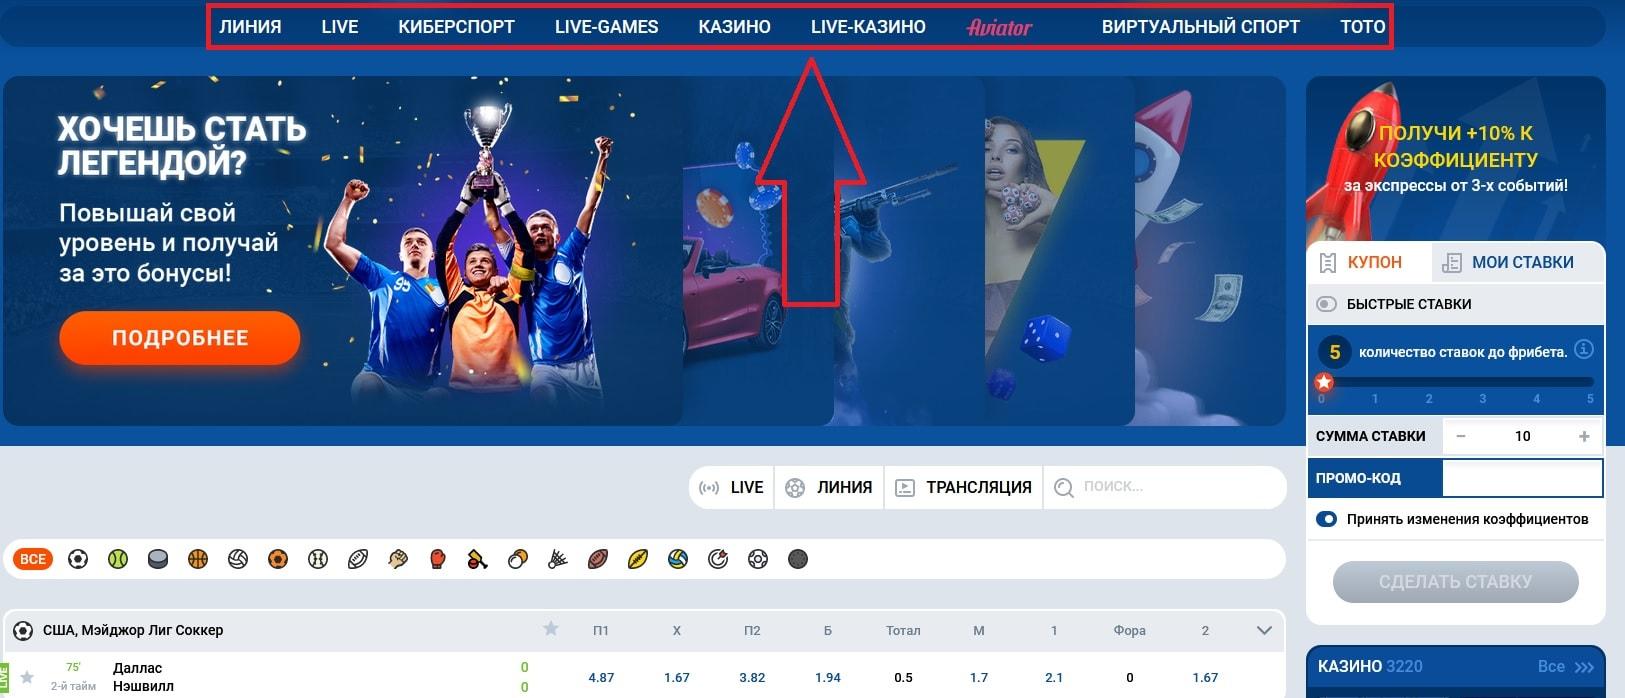 Основное меню сайта Mostbet для ставок на спорт